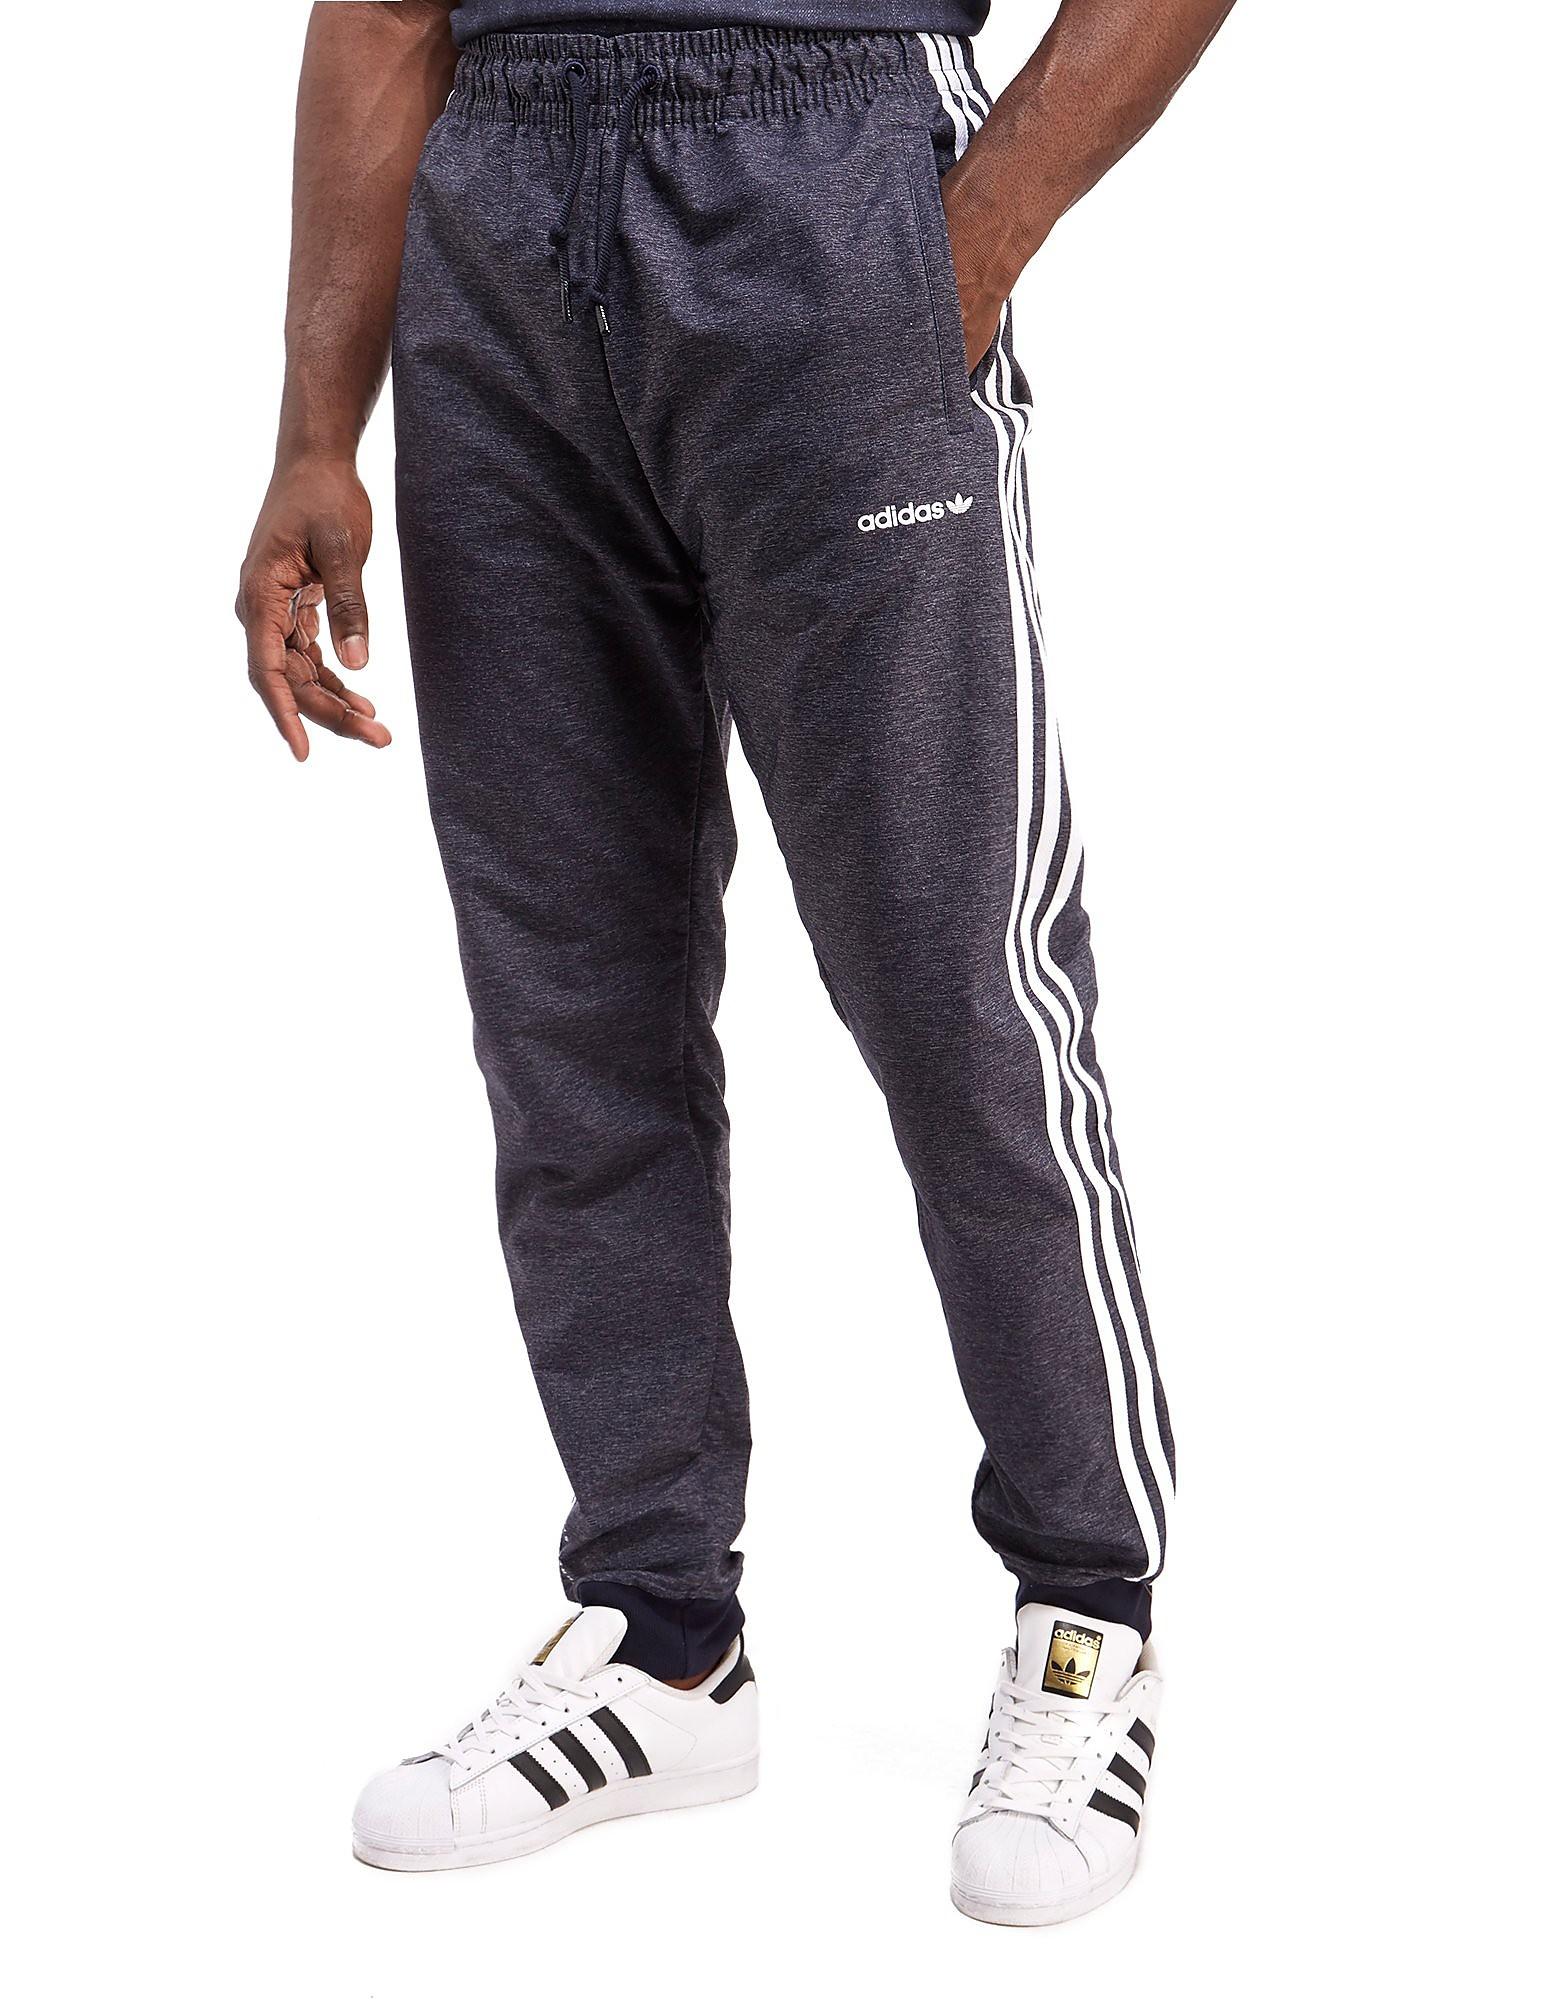 adidas Originals Tokyo Challenge Pants